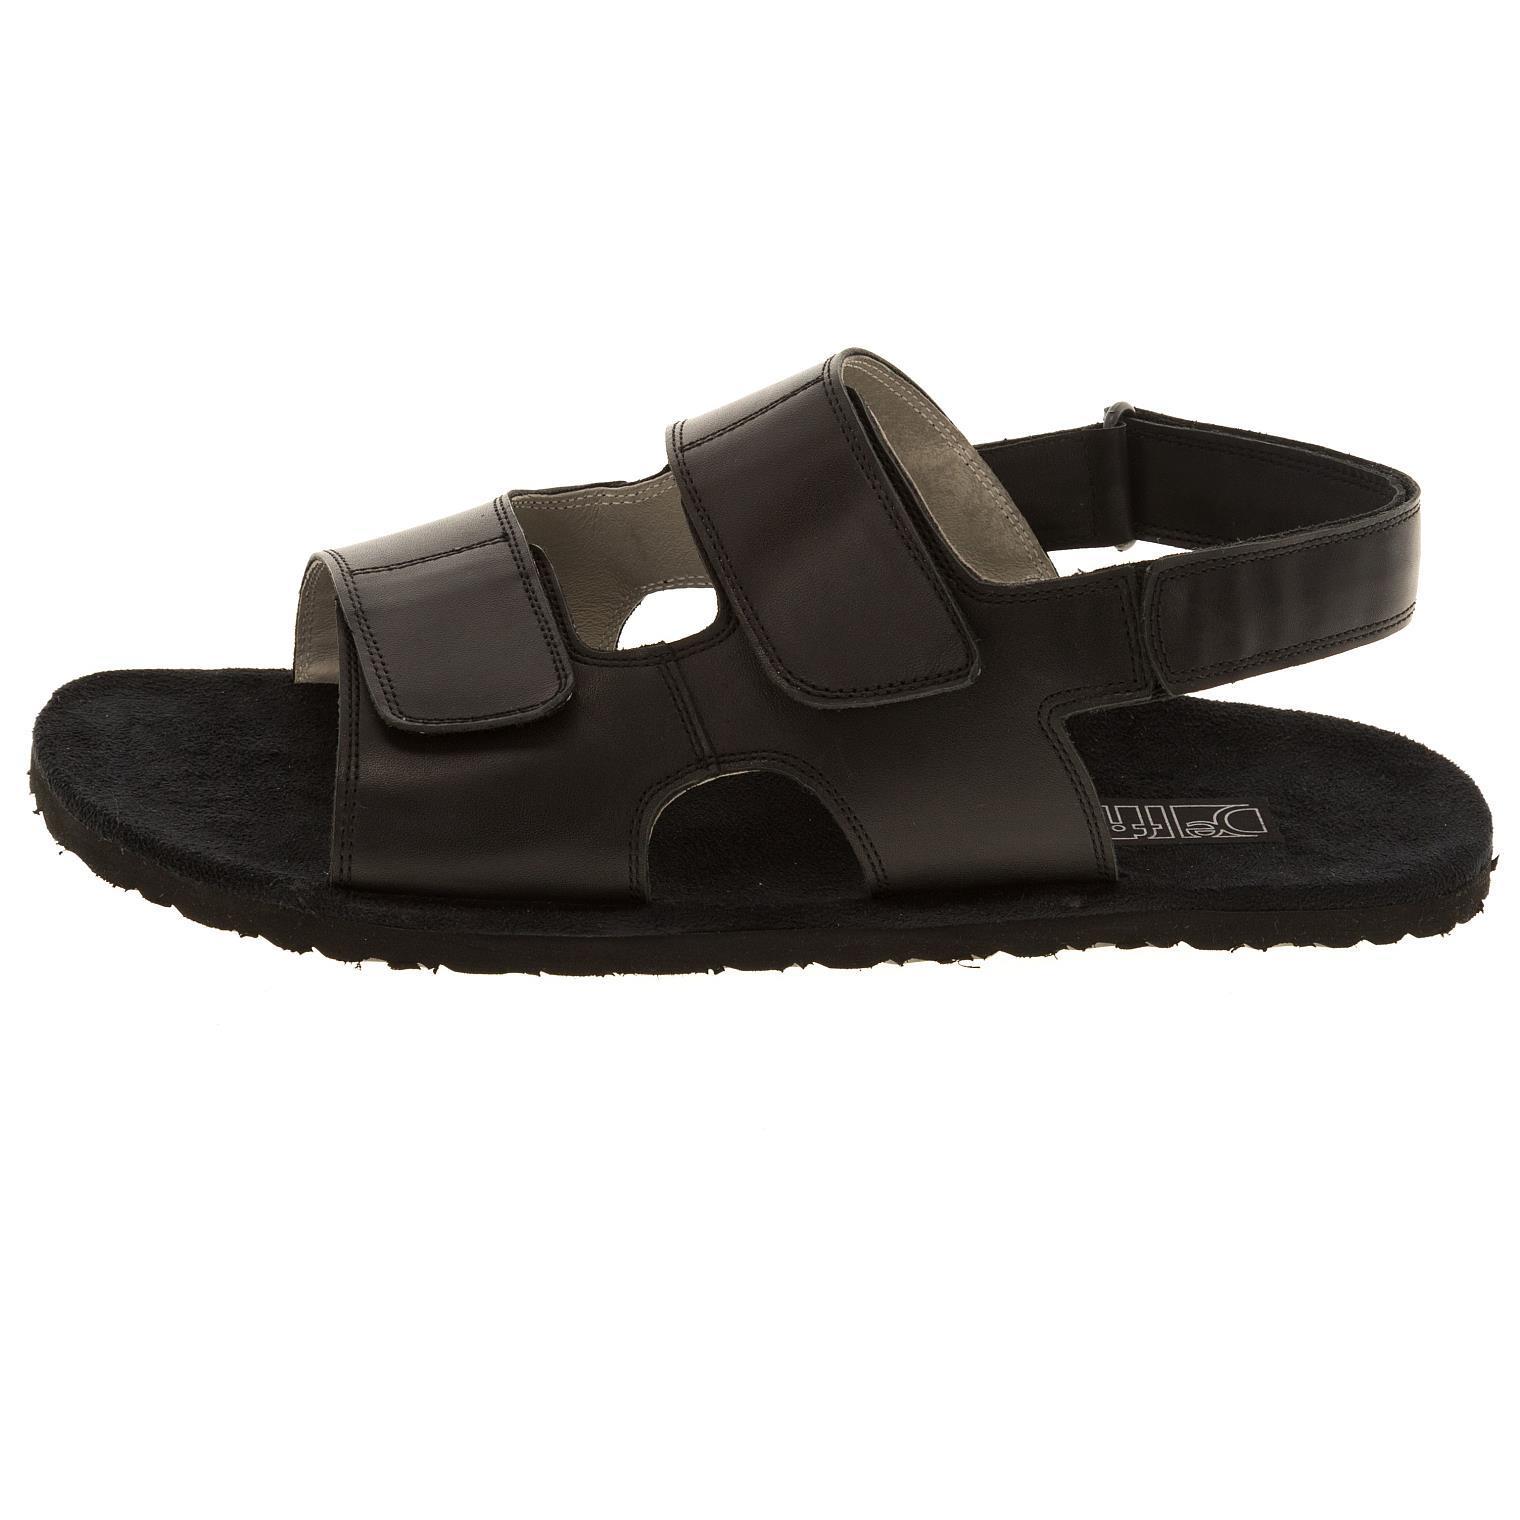 579157 сандалии мужские черные больших размеров марки Делфино